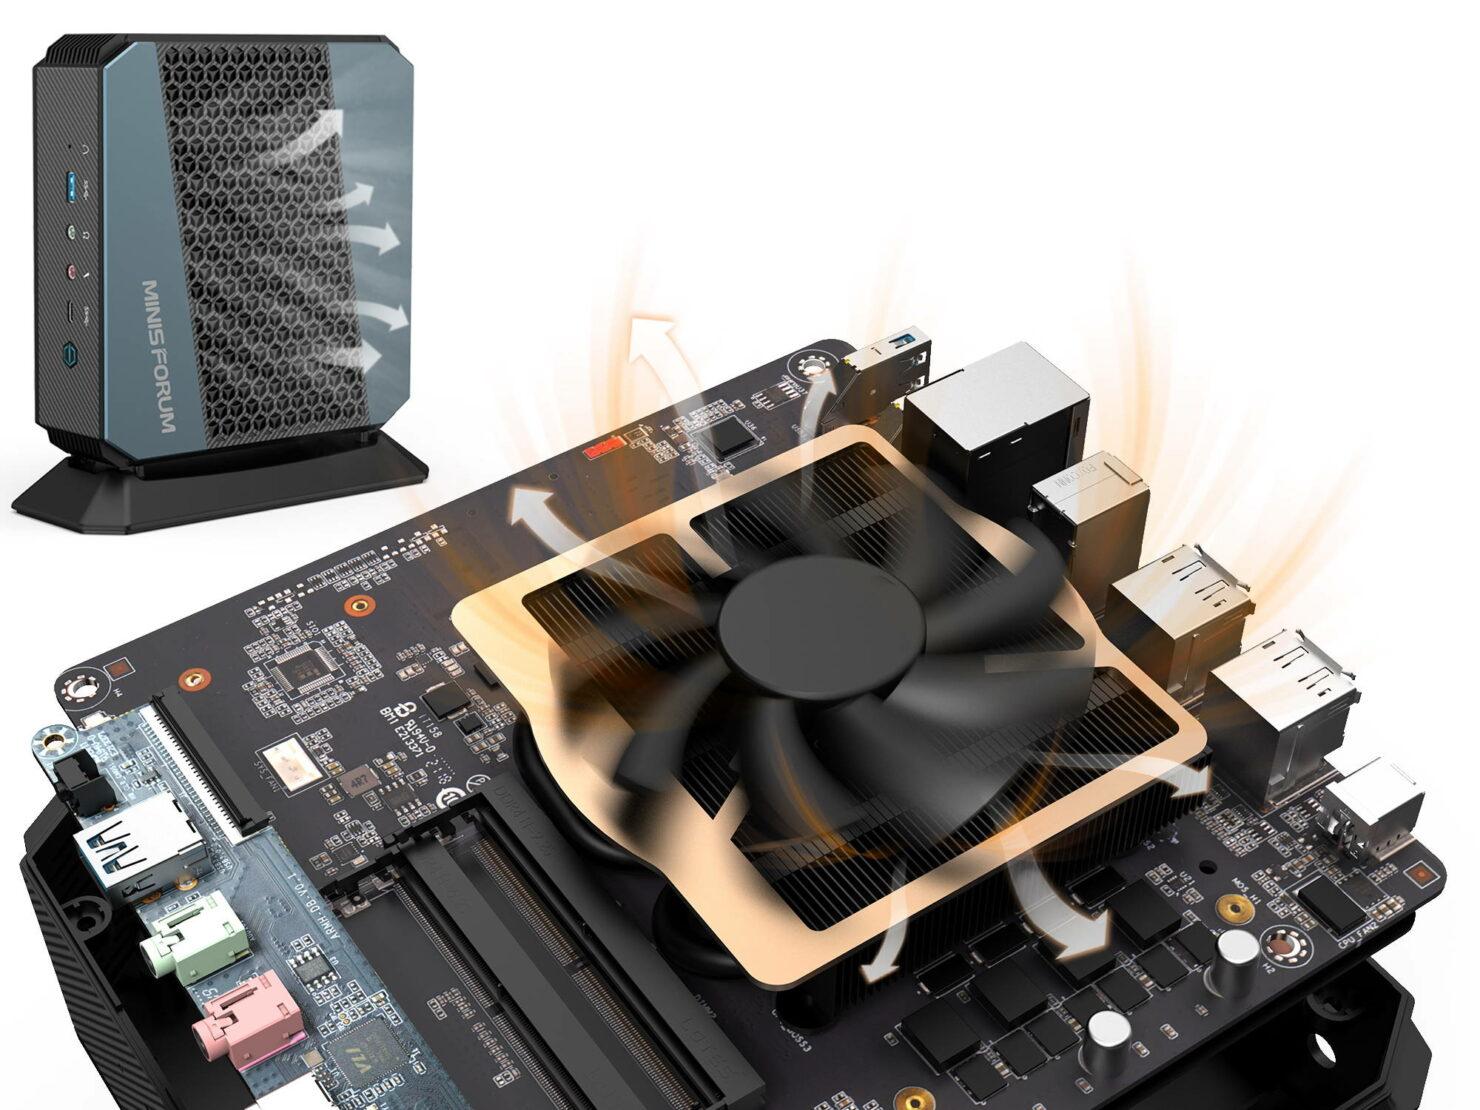 minisforum-elitemini-hx90-amd-ryzen-9-5900hx-cpu-powered-sff-mini-pc-_9